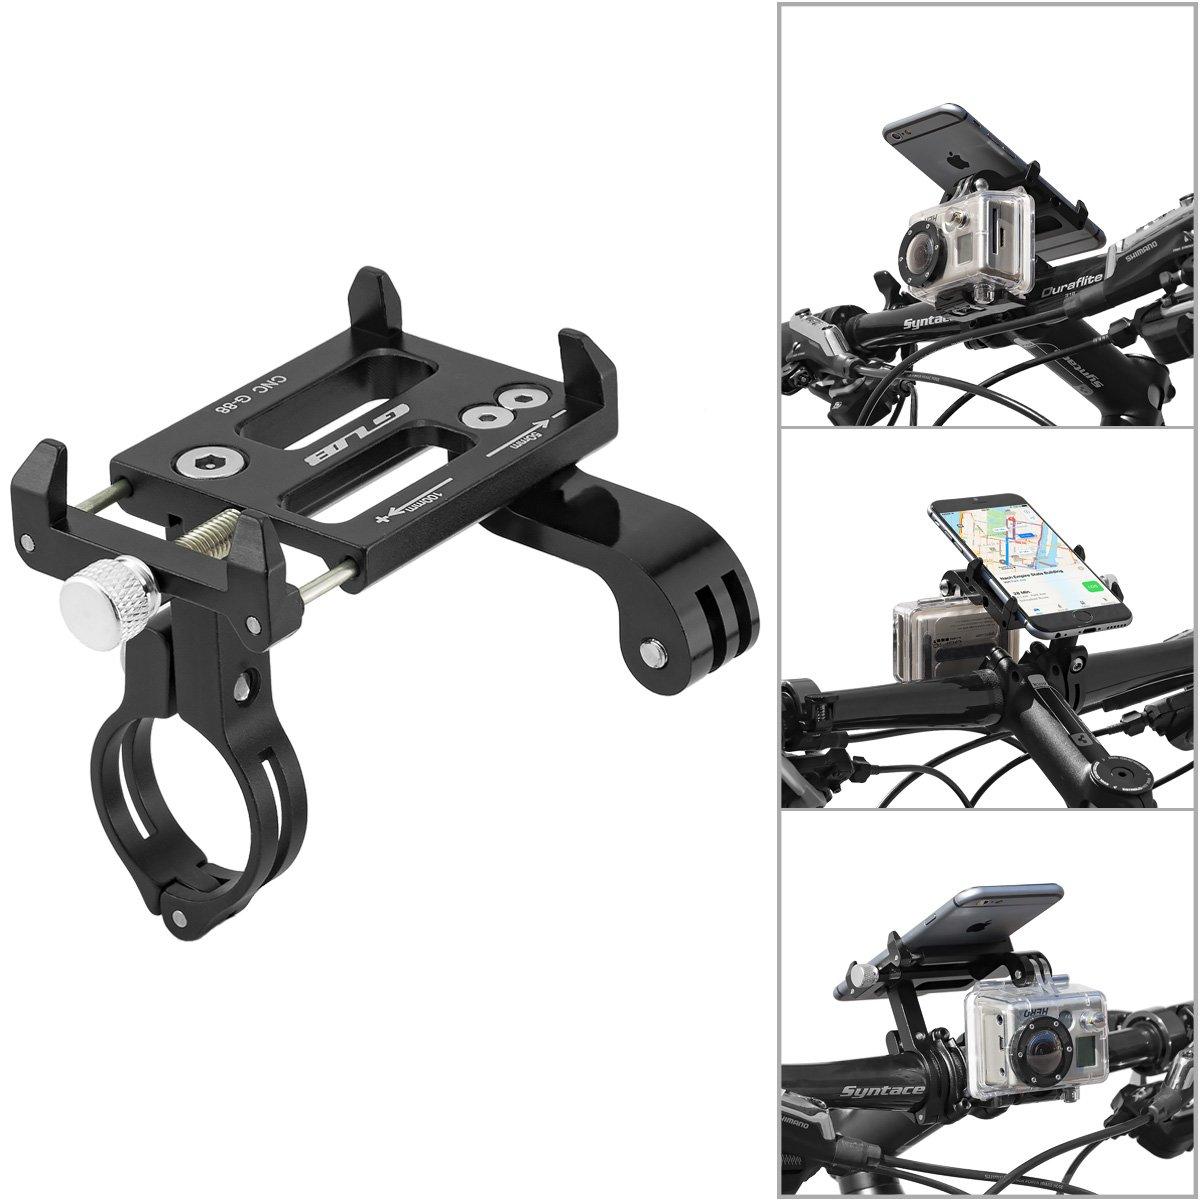 GUB Universal de la Bici de la Bicicleta de la motocicleta de soporte para el teléfono móvil, Smartphone, Navi, etc. con mount para GoPro, AcrionCam, Cámaras de acción...: Amazon.es: Electrónica